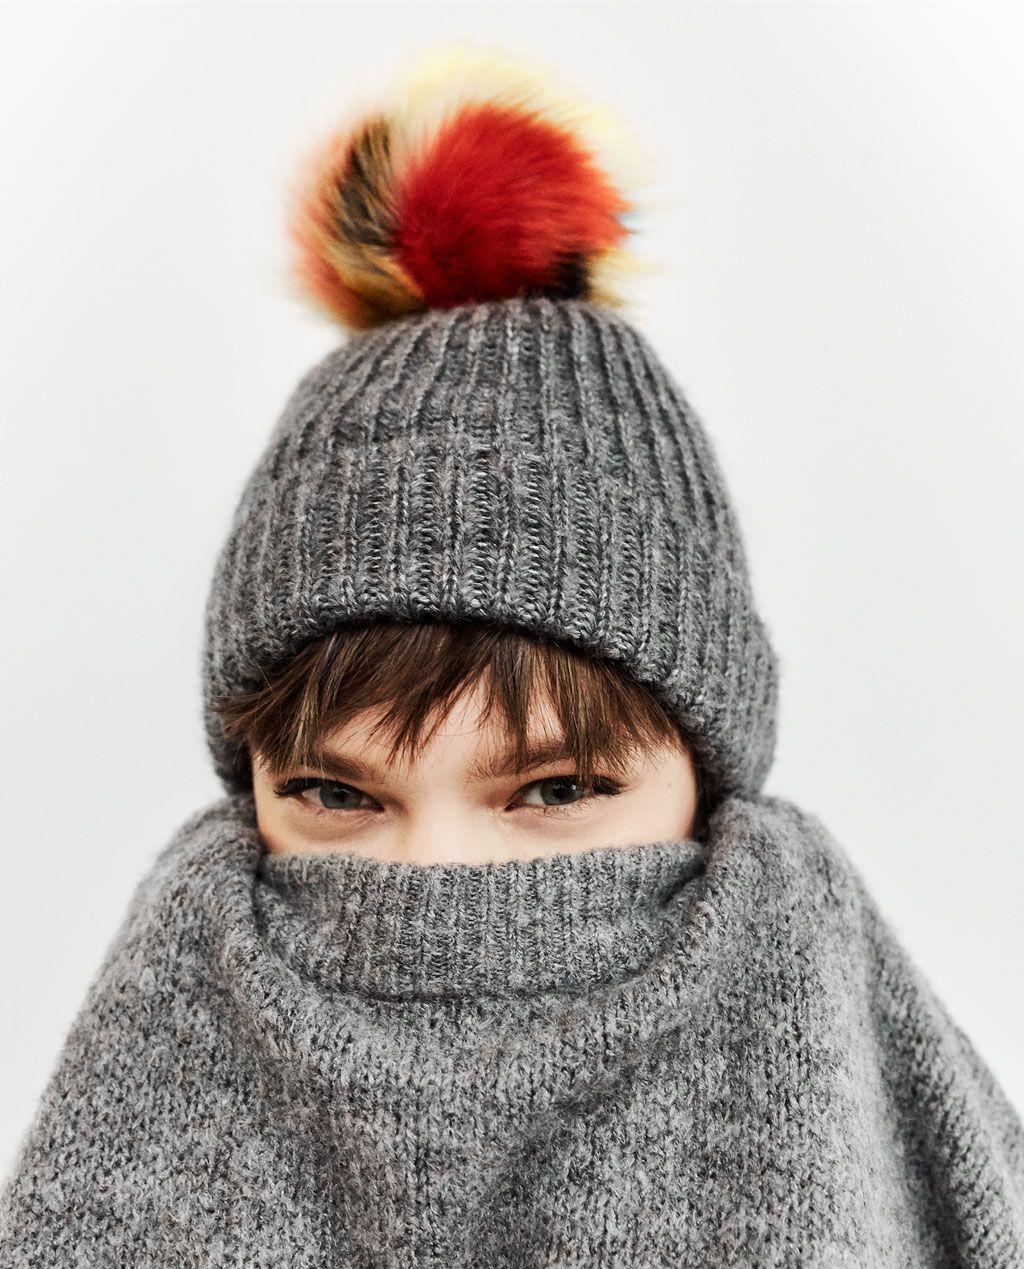 RIB KNIT HAT WITH POM-POM-ACCESSORIES-WOMAN  c6abf2997bf7